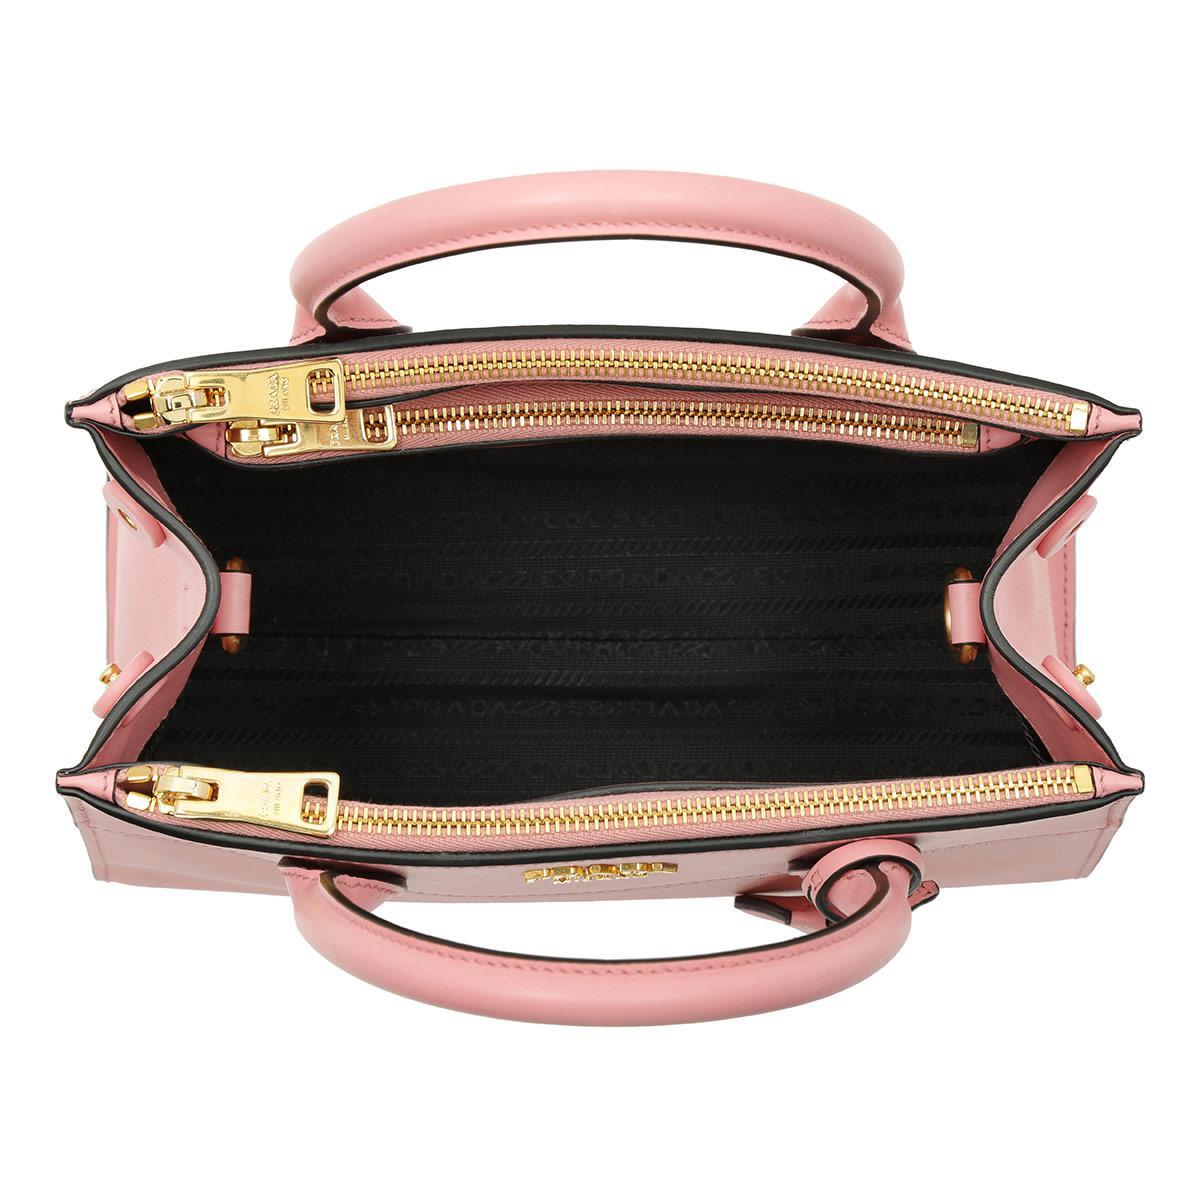 Prada Leather Saffiano City Tote Petalo in Pink